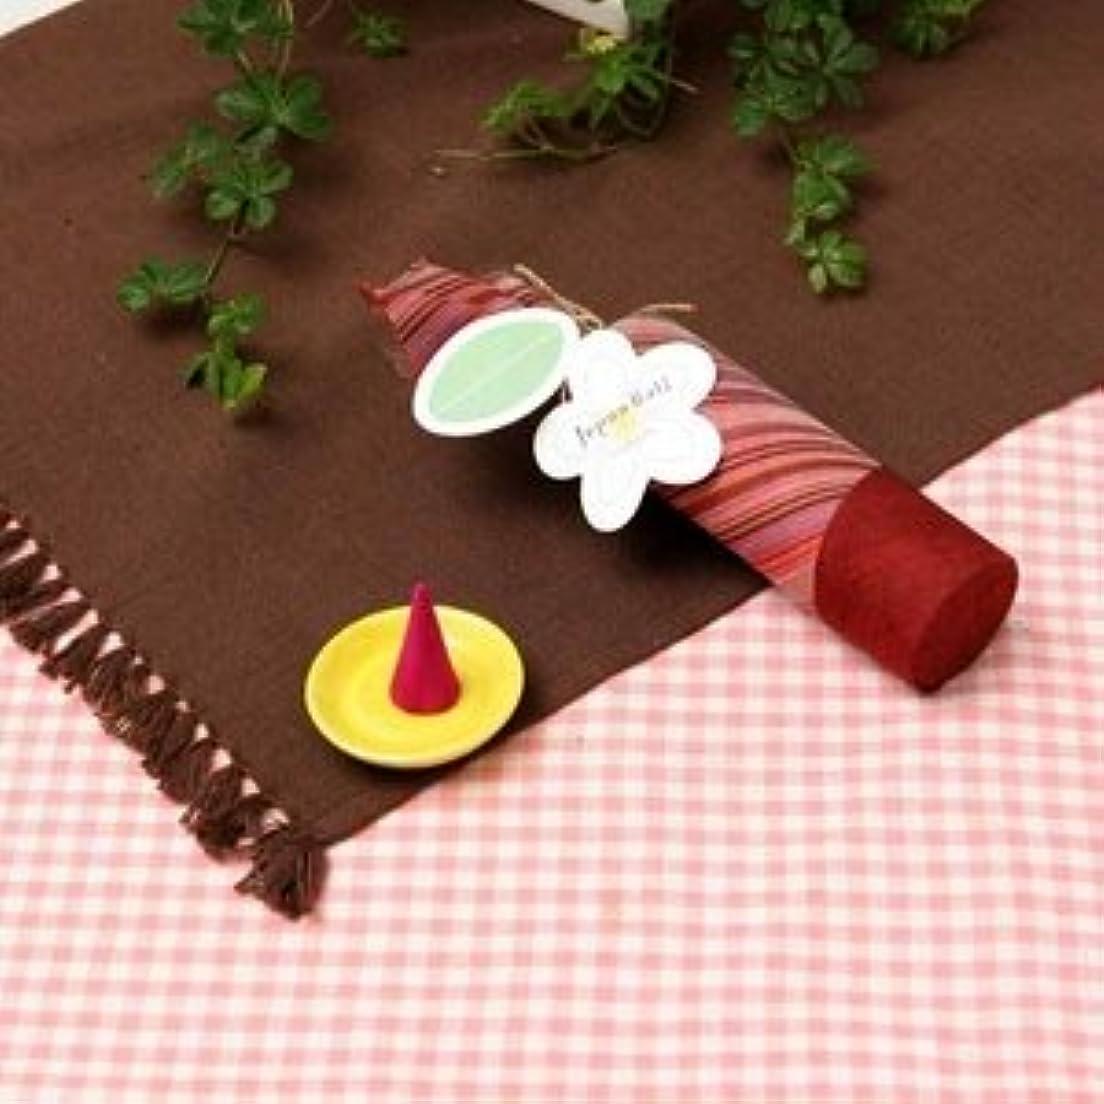 コレクション雹分類するJupen Bari(ジュプン バリ) イザベラ(ヨーロピアンカントリーハウスを想わせる花)